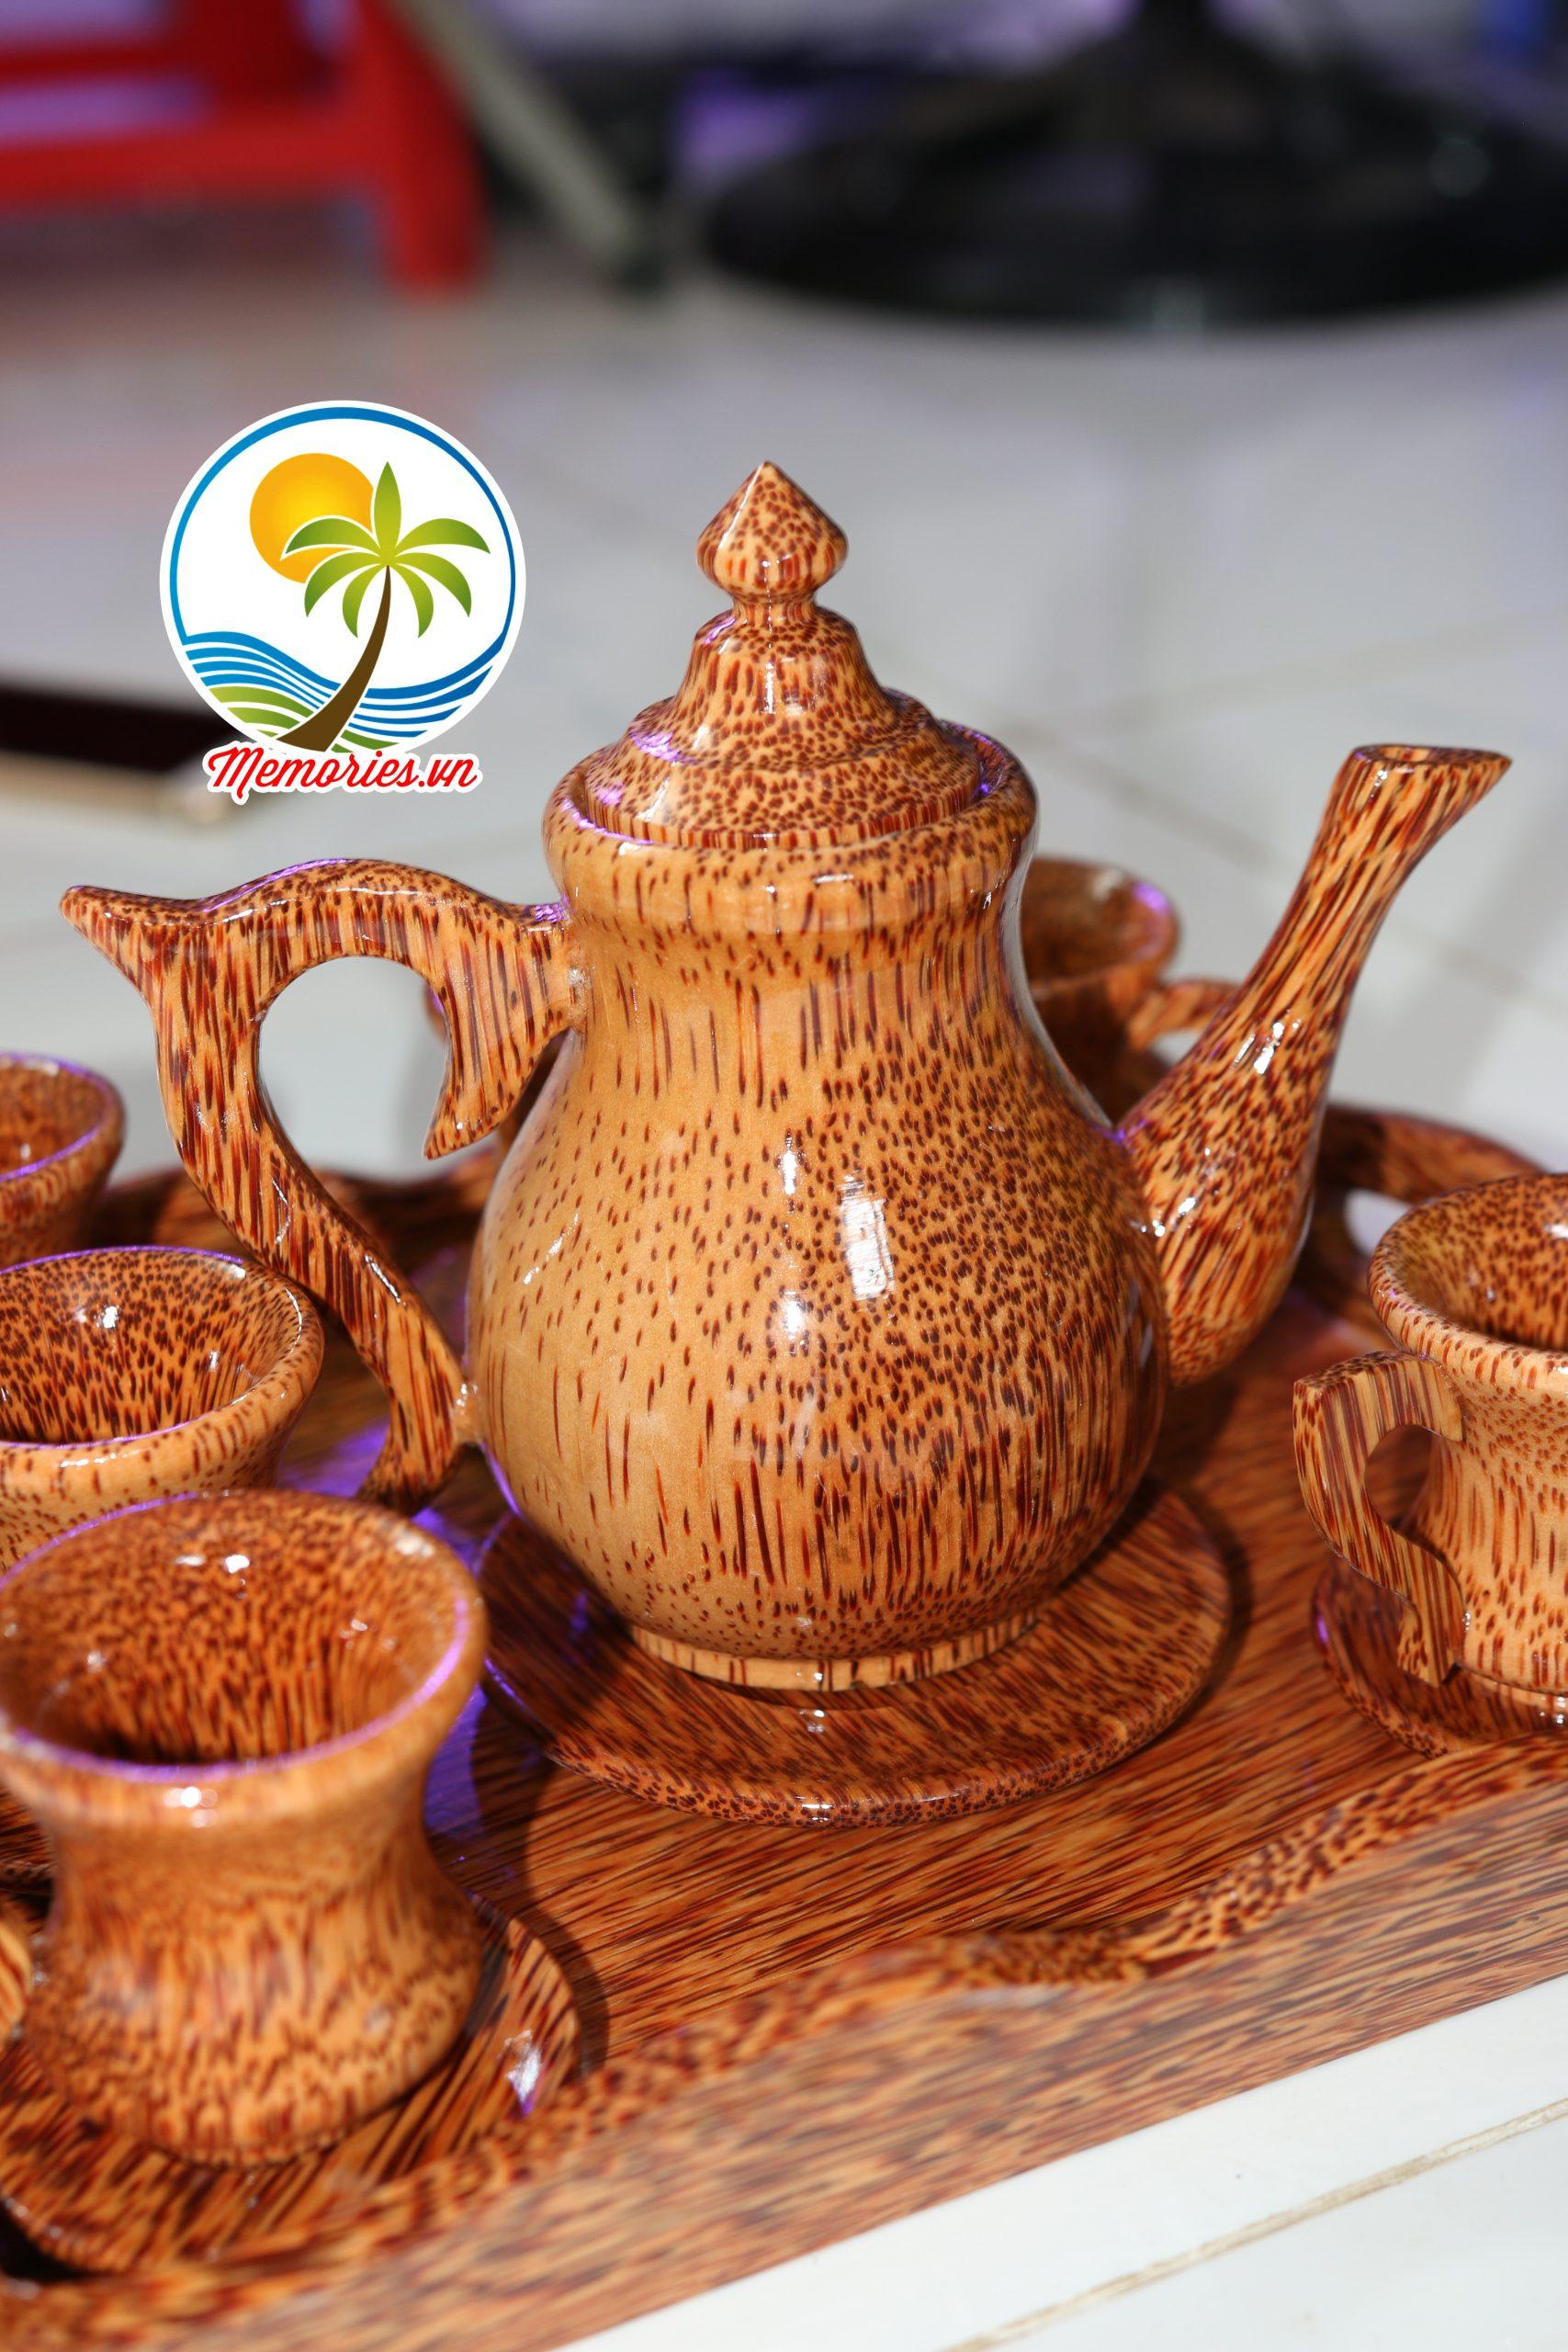 IMG 3642 scaled Bộ Bình Trà Cổ Cao / Khay Rượu Bằng Gỗ Dừa - Quà tặng trang trí handmade - Decor Craft Gifts Shop